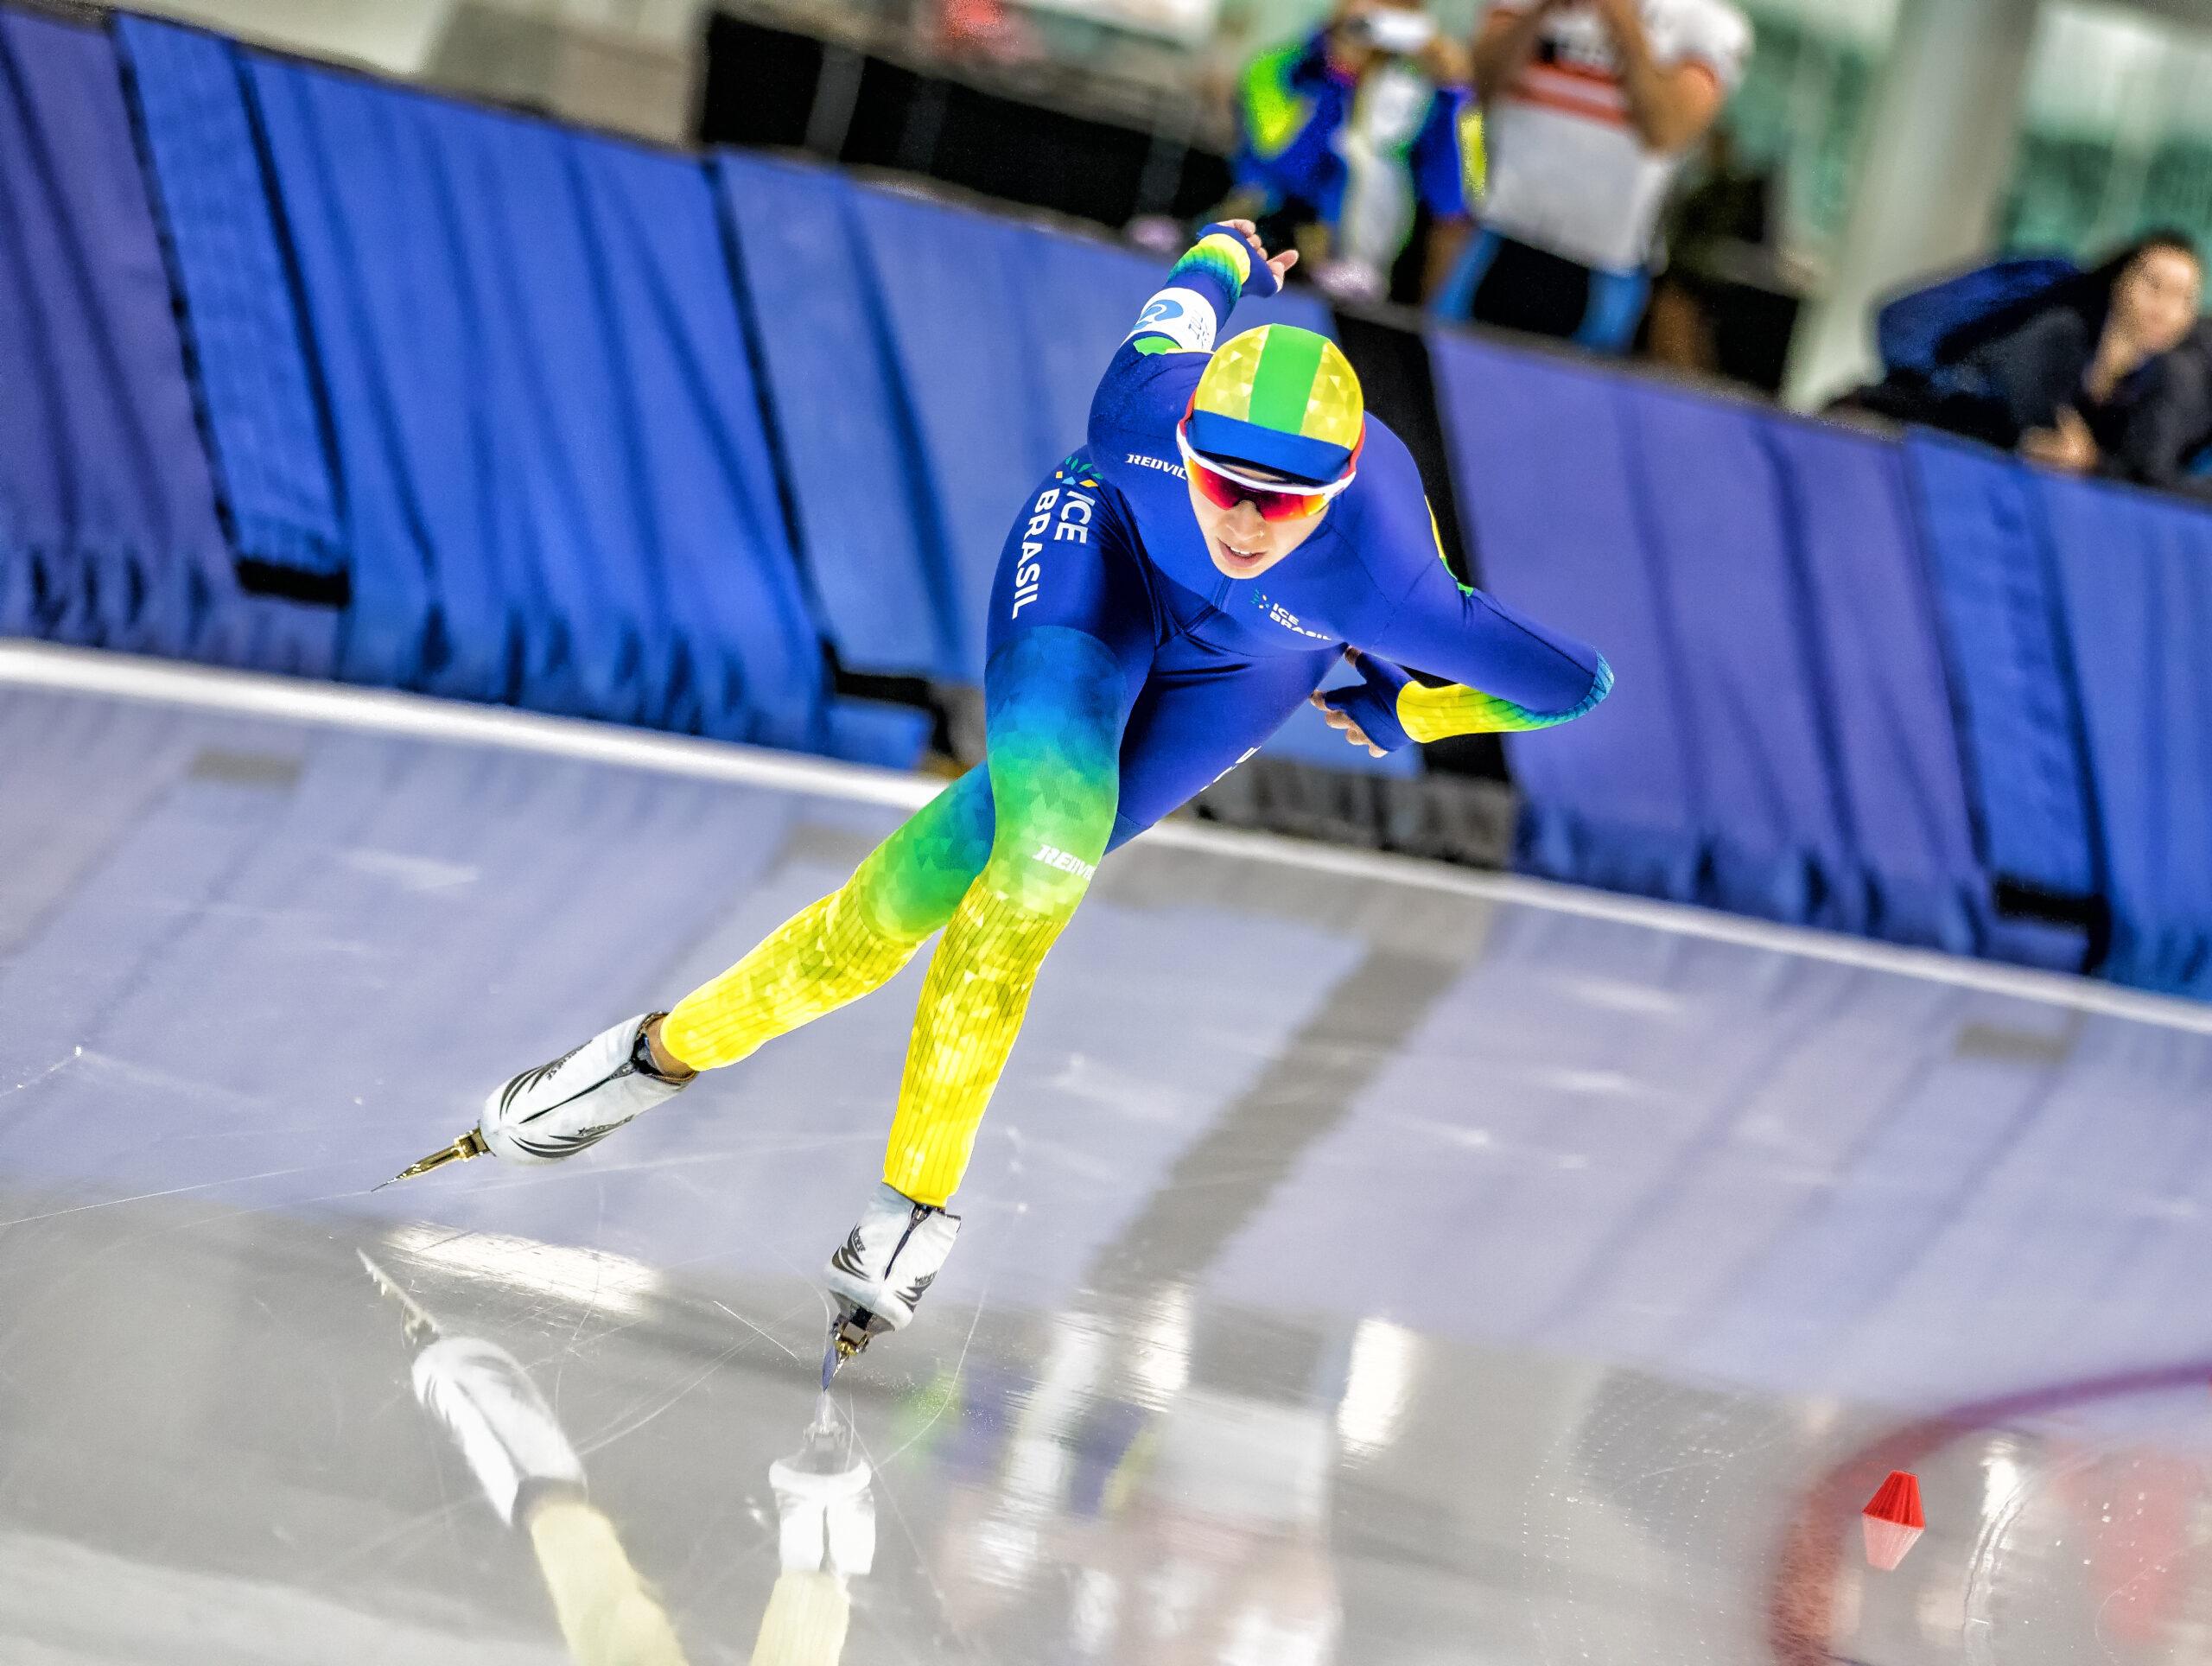 A atleta está nos Estados Unidos onde treina para buscar uma vaga para representar o Brasil nos Jogos Olímpicos de Inverno e ela quer fazer história, quer tornar a primeira brasileira a conquistar esse feito na modalidade de patinação de velocidade no gelo